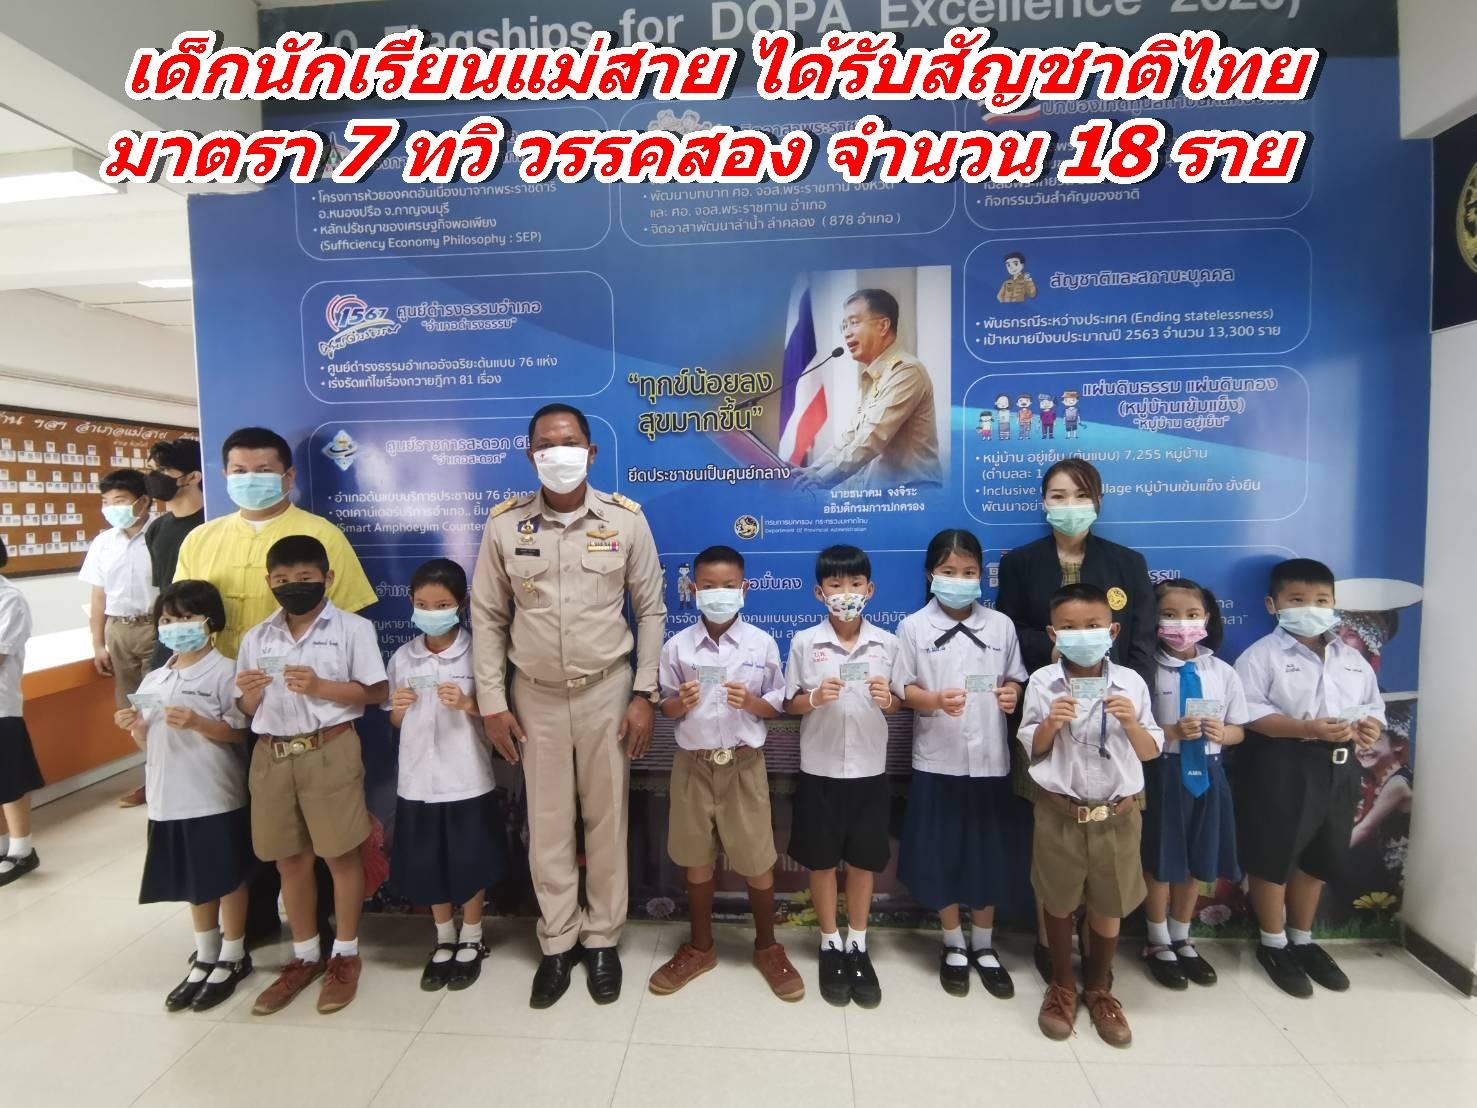 เด็กนักเรียนแม่สาย ได้รับสัญชาติไทย มาตรา 7 ทวิ วรรคสอง จำนวน 18 ราย